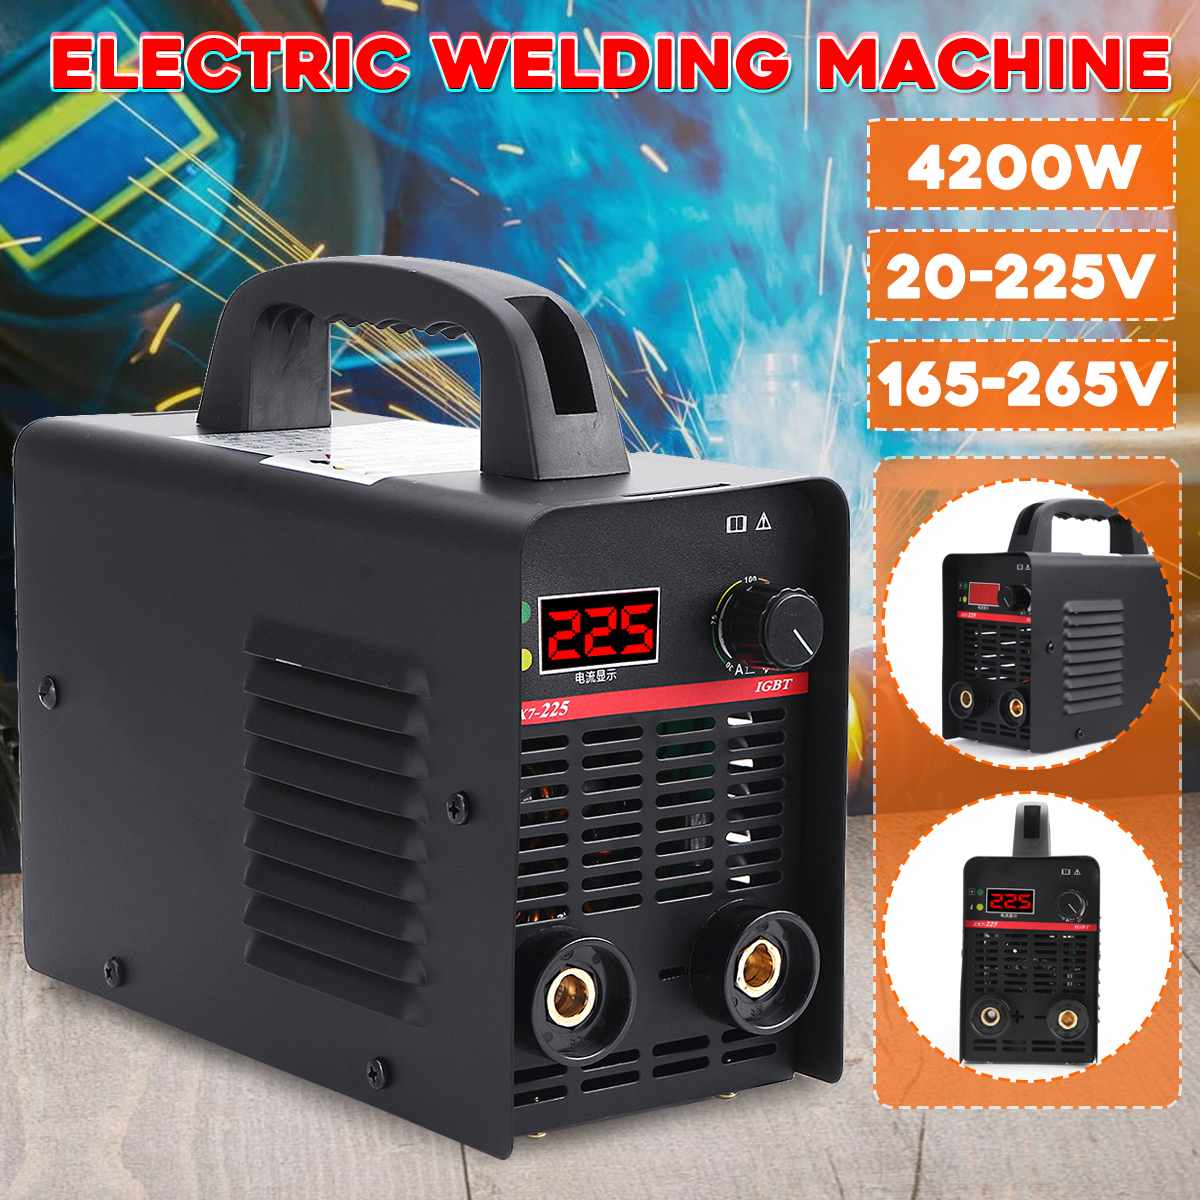 4200W Schweißer DC Inverter ARC MMA 225Amp LCD Display Schweißen Maschine Stick Tool Für Home Anfänger Leichte Effiziente